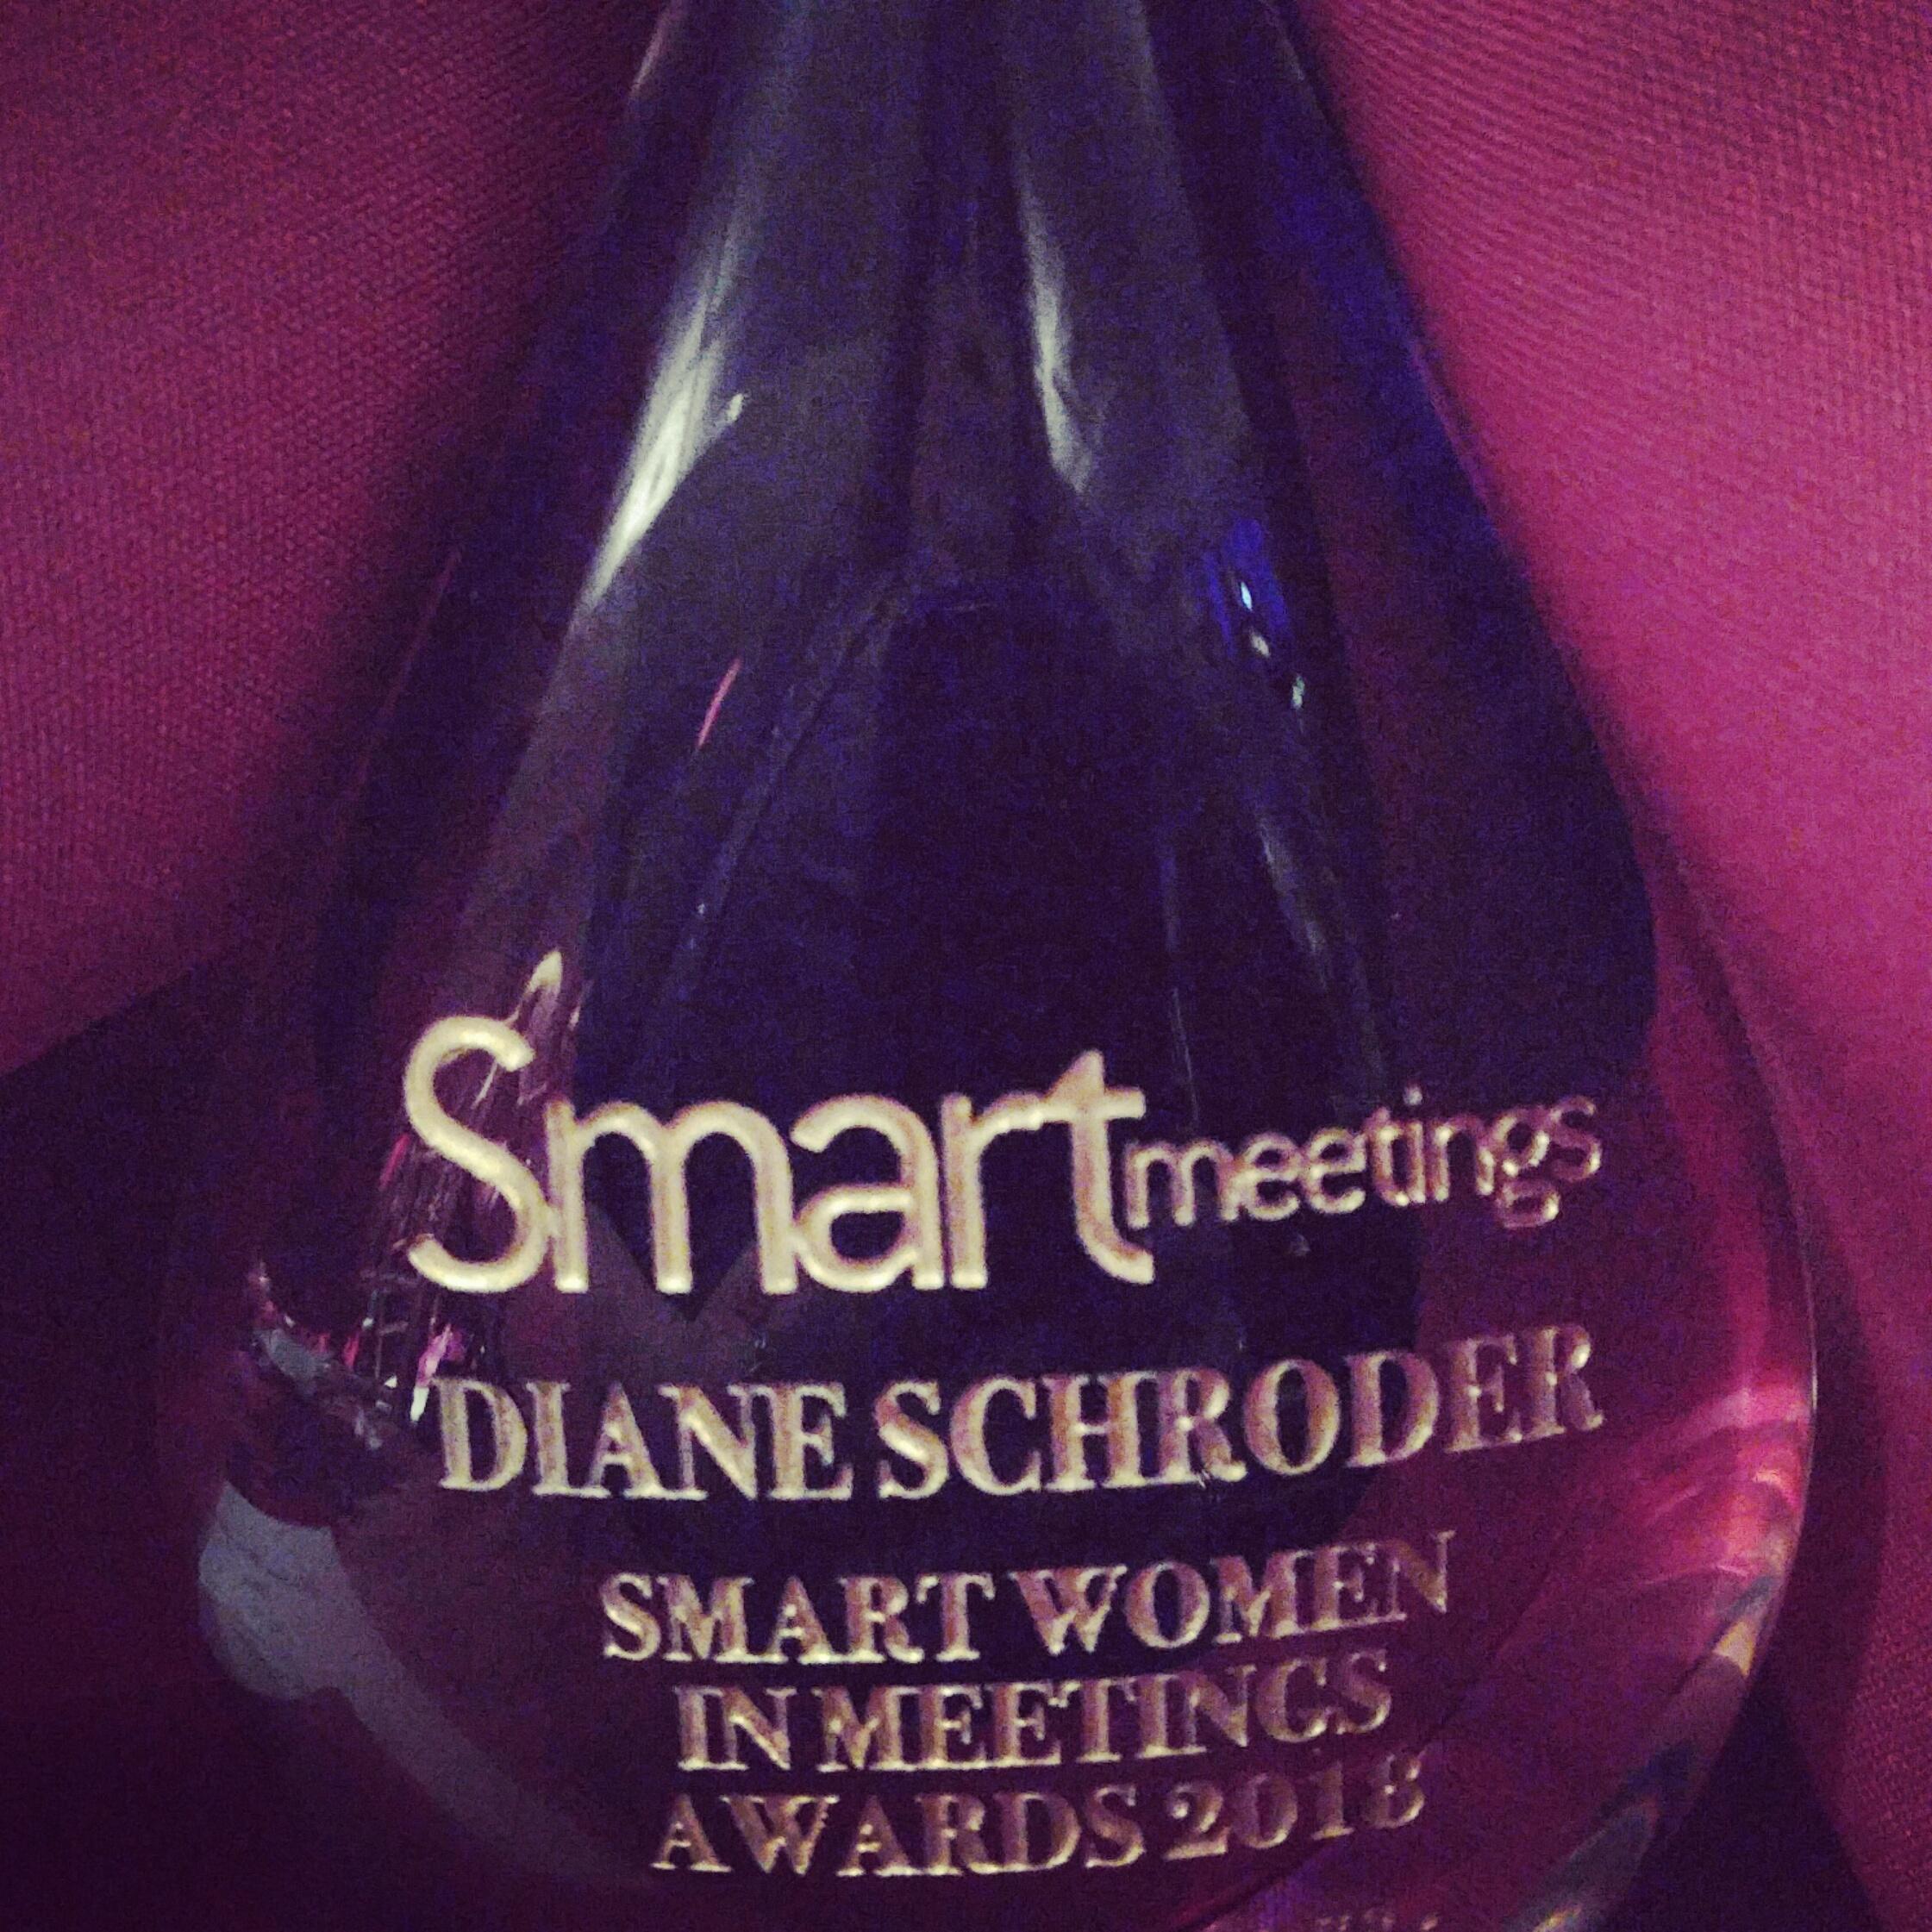 Smart Meetings, Diane Schroder Award Winner